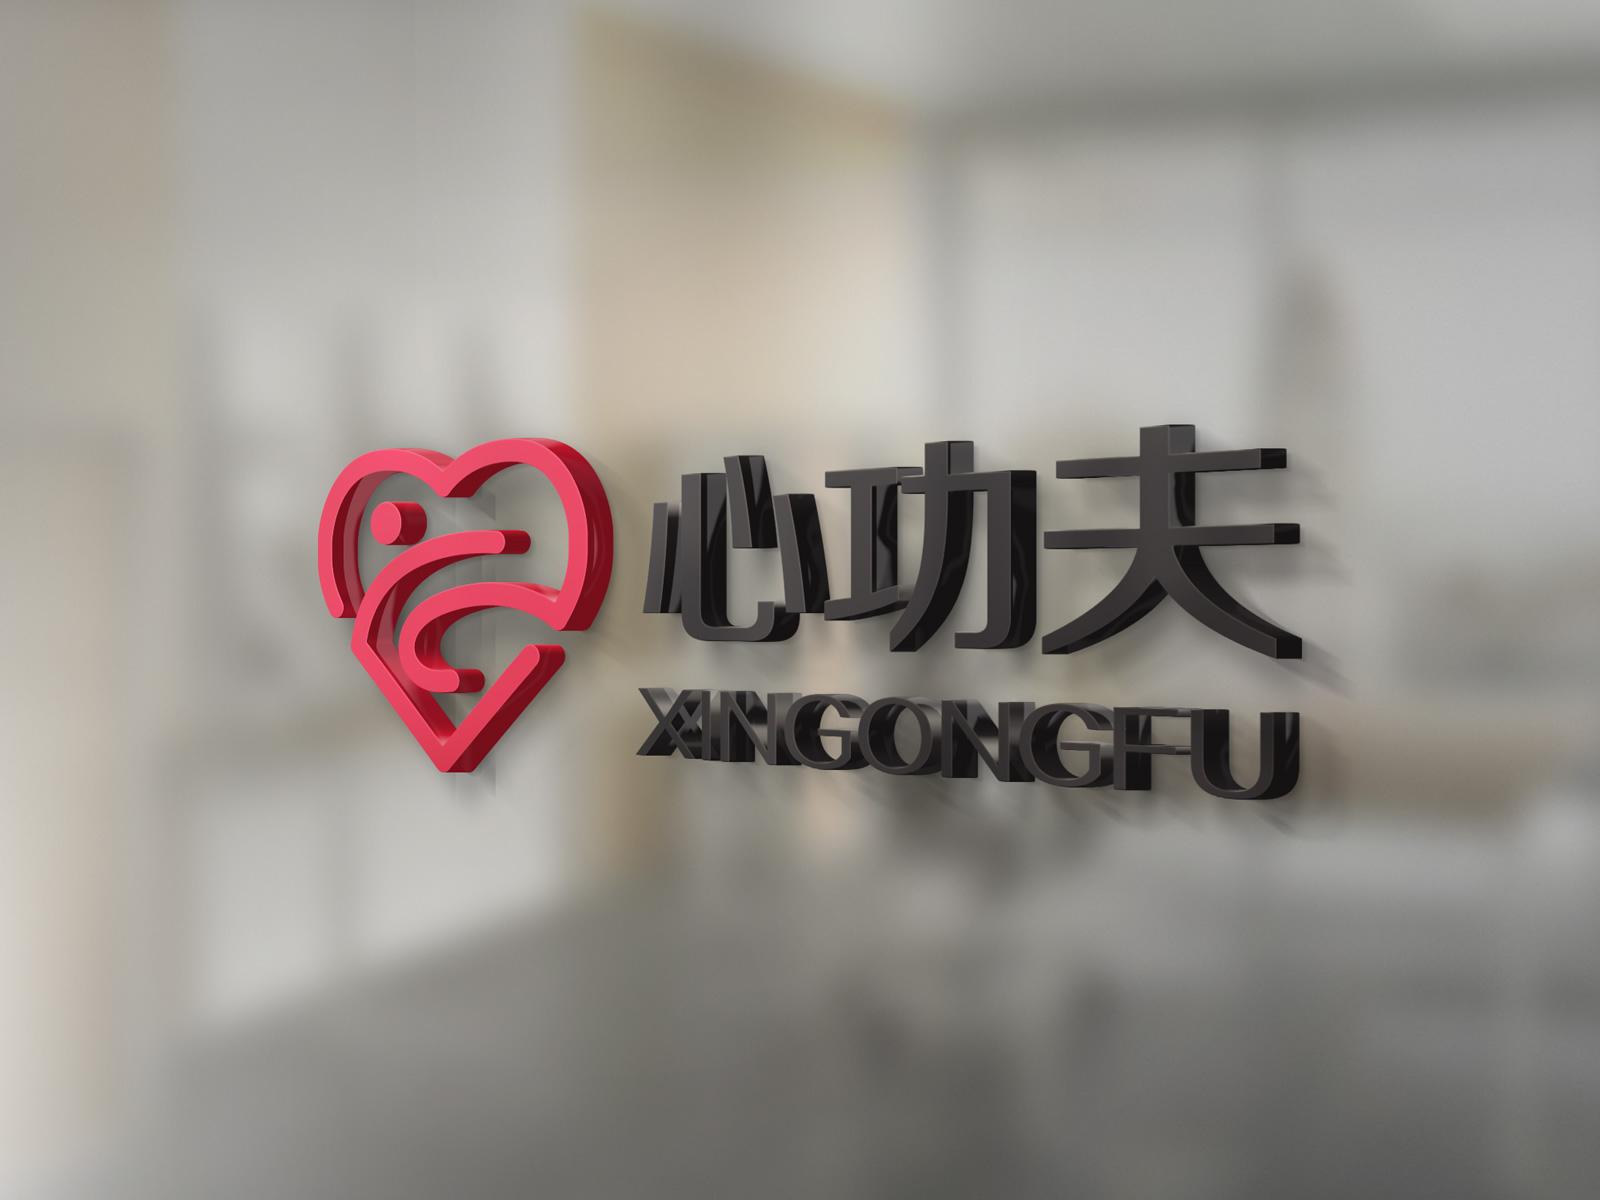 健康从心开始:心功夫Logo设计_2947036_k68威客网